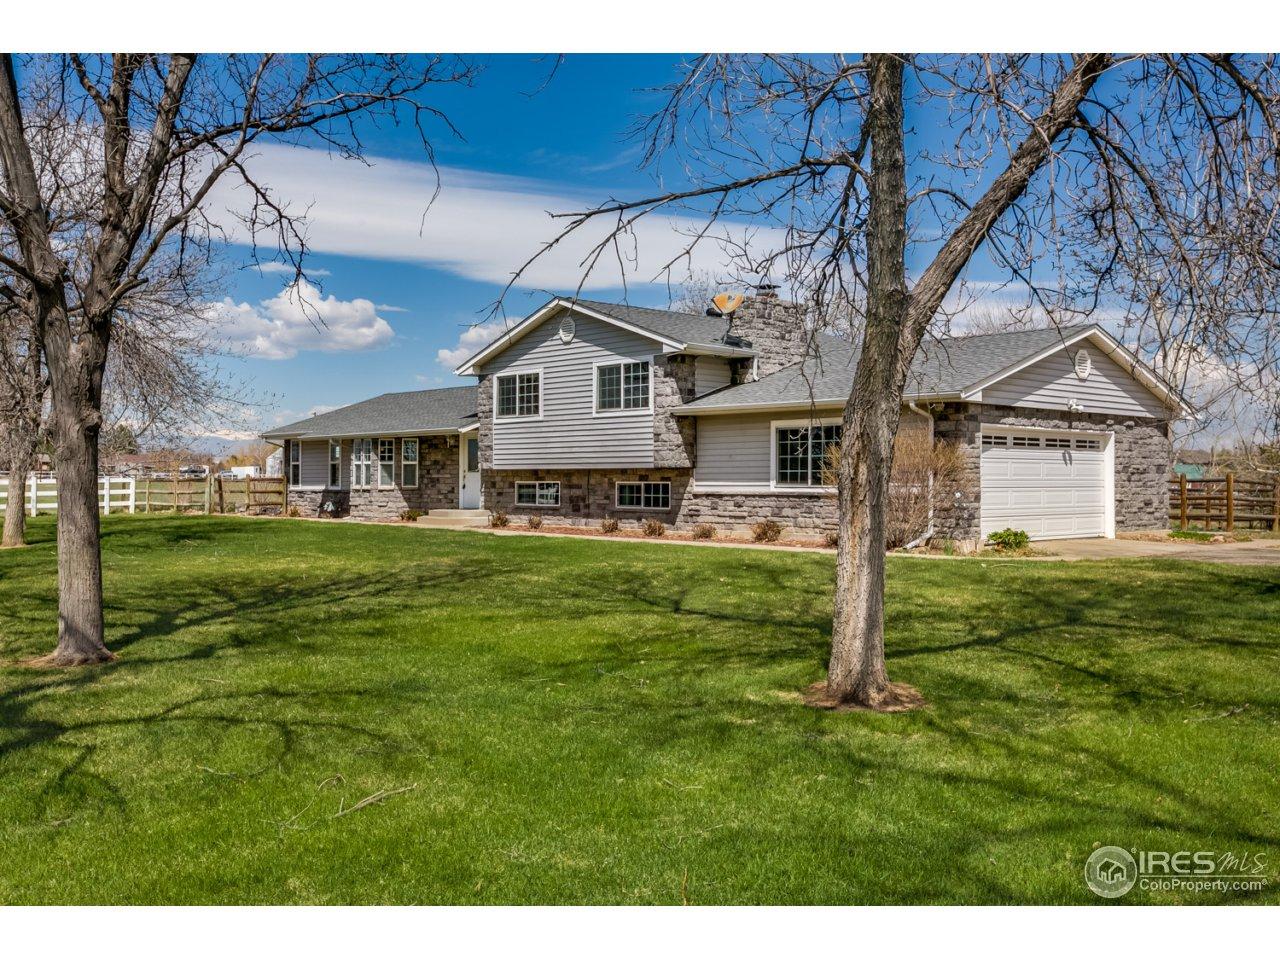 11075 Maple Rd, Lafayette CO 80026